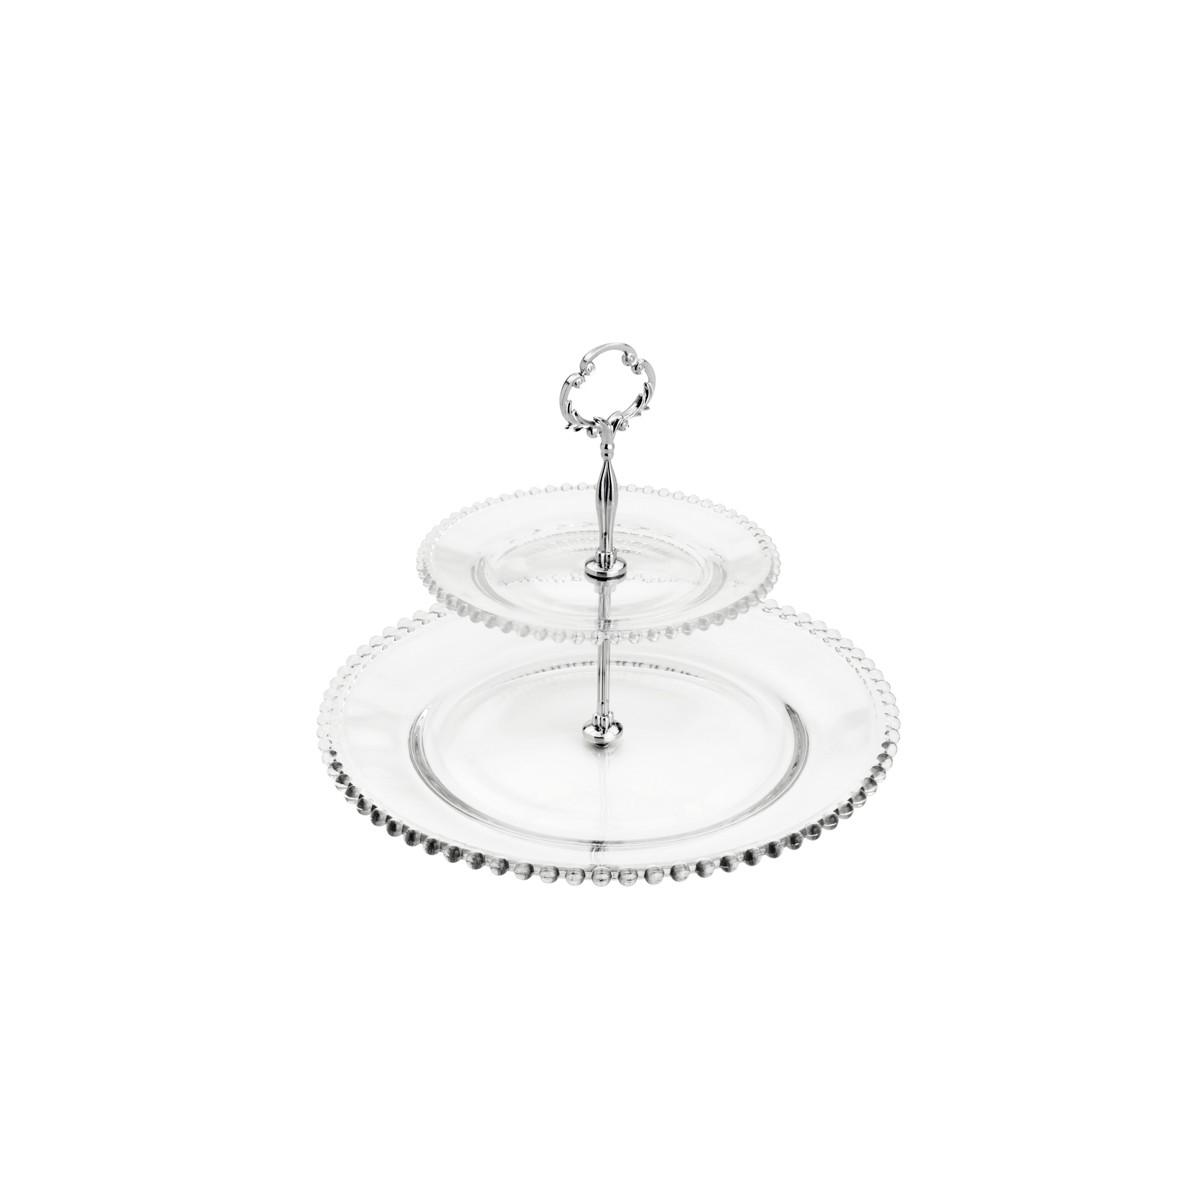 Porta Doce Duplo 2 Andares em Cristal com Borda de Bolinha 19/32x24 cm